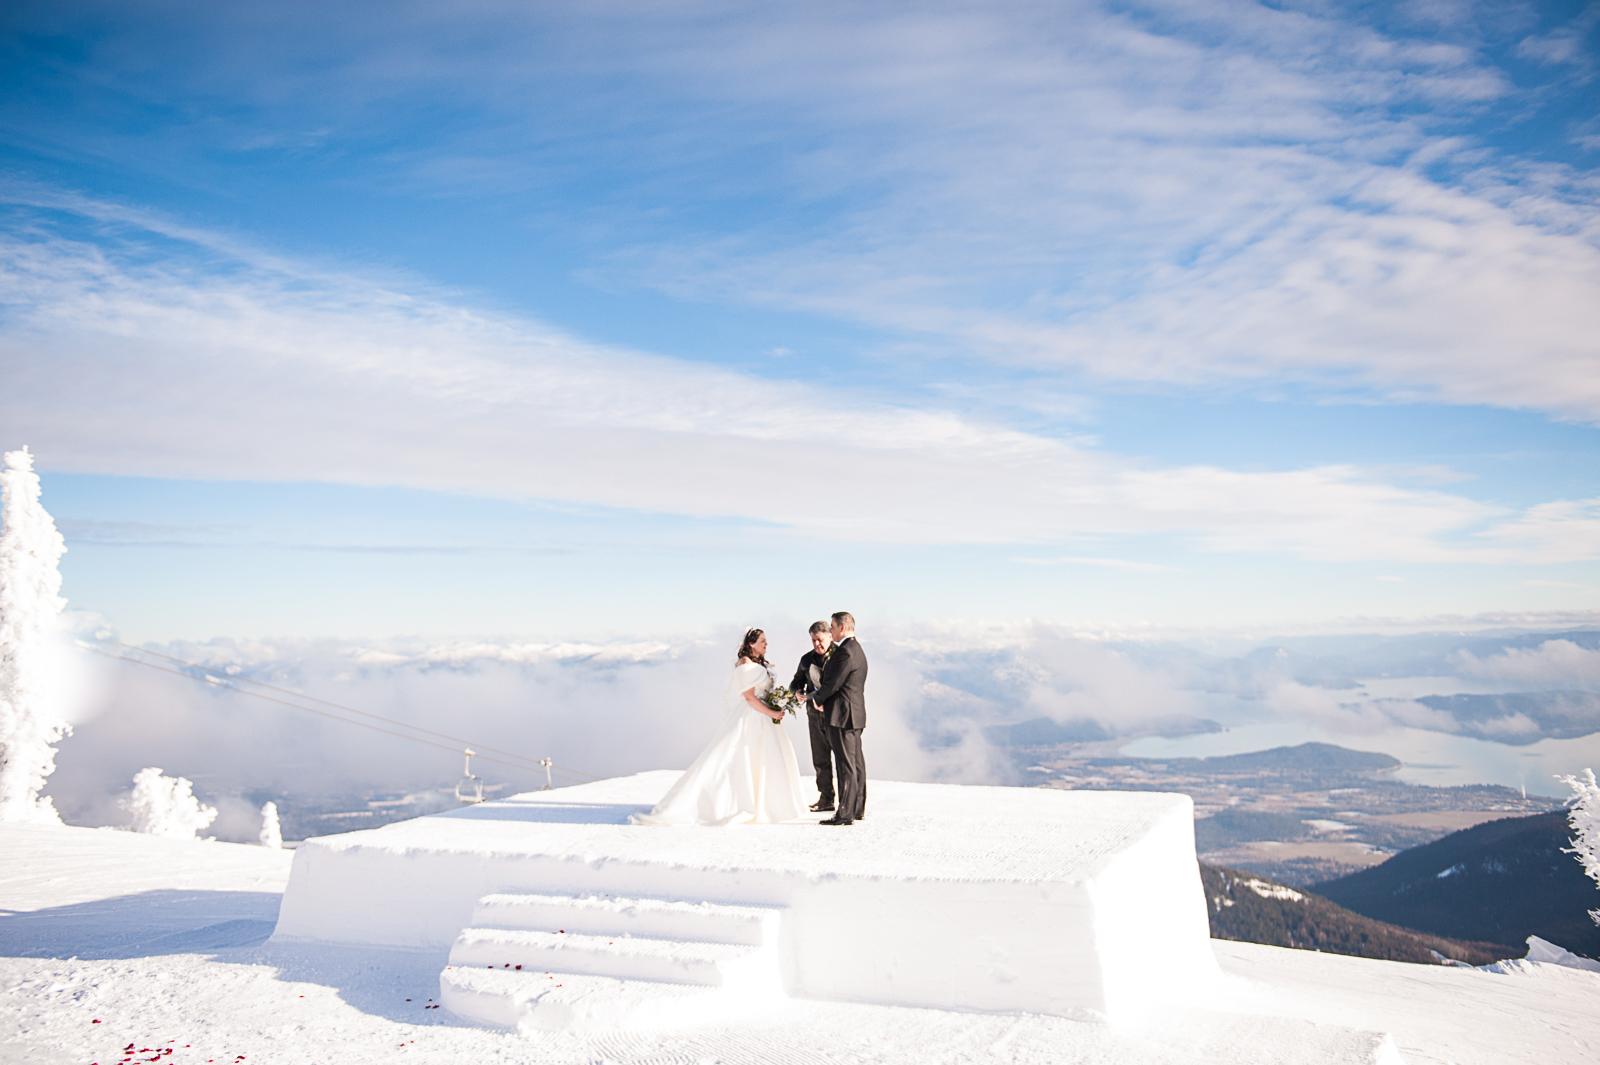 Janel-Gion-Wedding-Photographer-KristinRon-SchweitzerMtn-Idaho.jpg